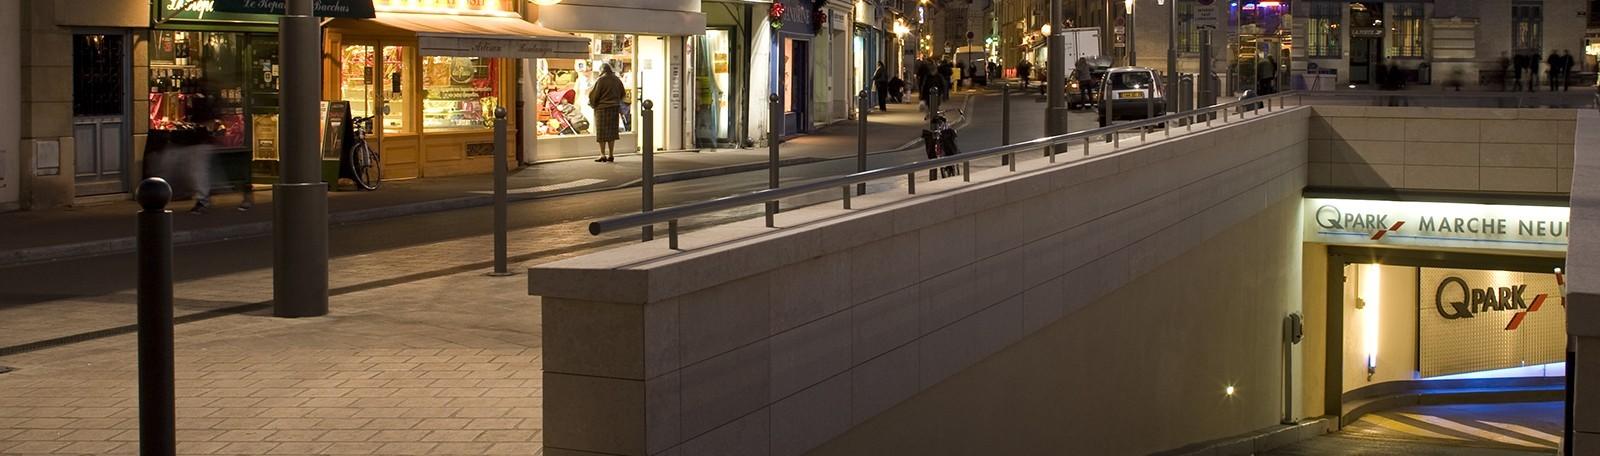 Q-Park Marché Neuf - City Center - 1 Place du Marché Neuf 78100 Saint Germain en Laye